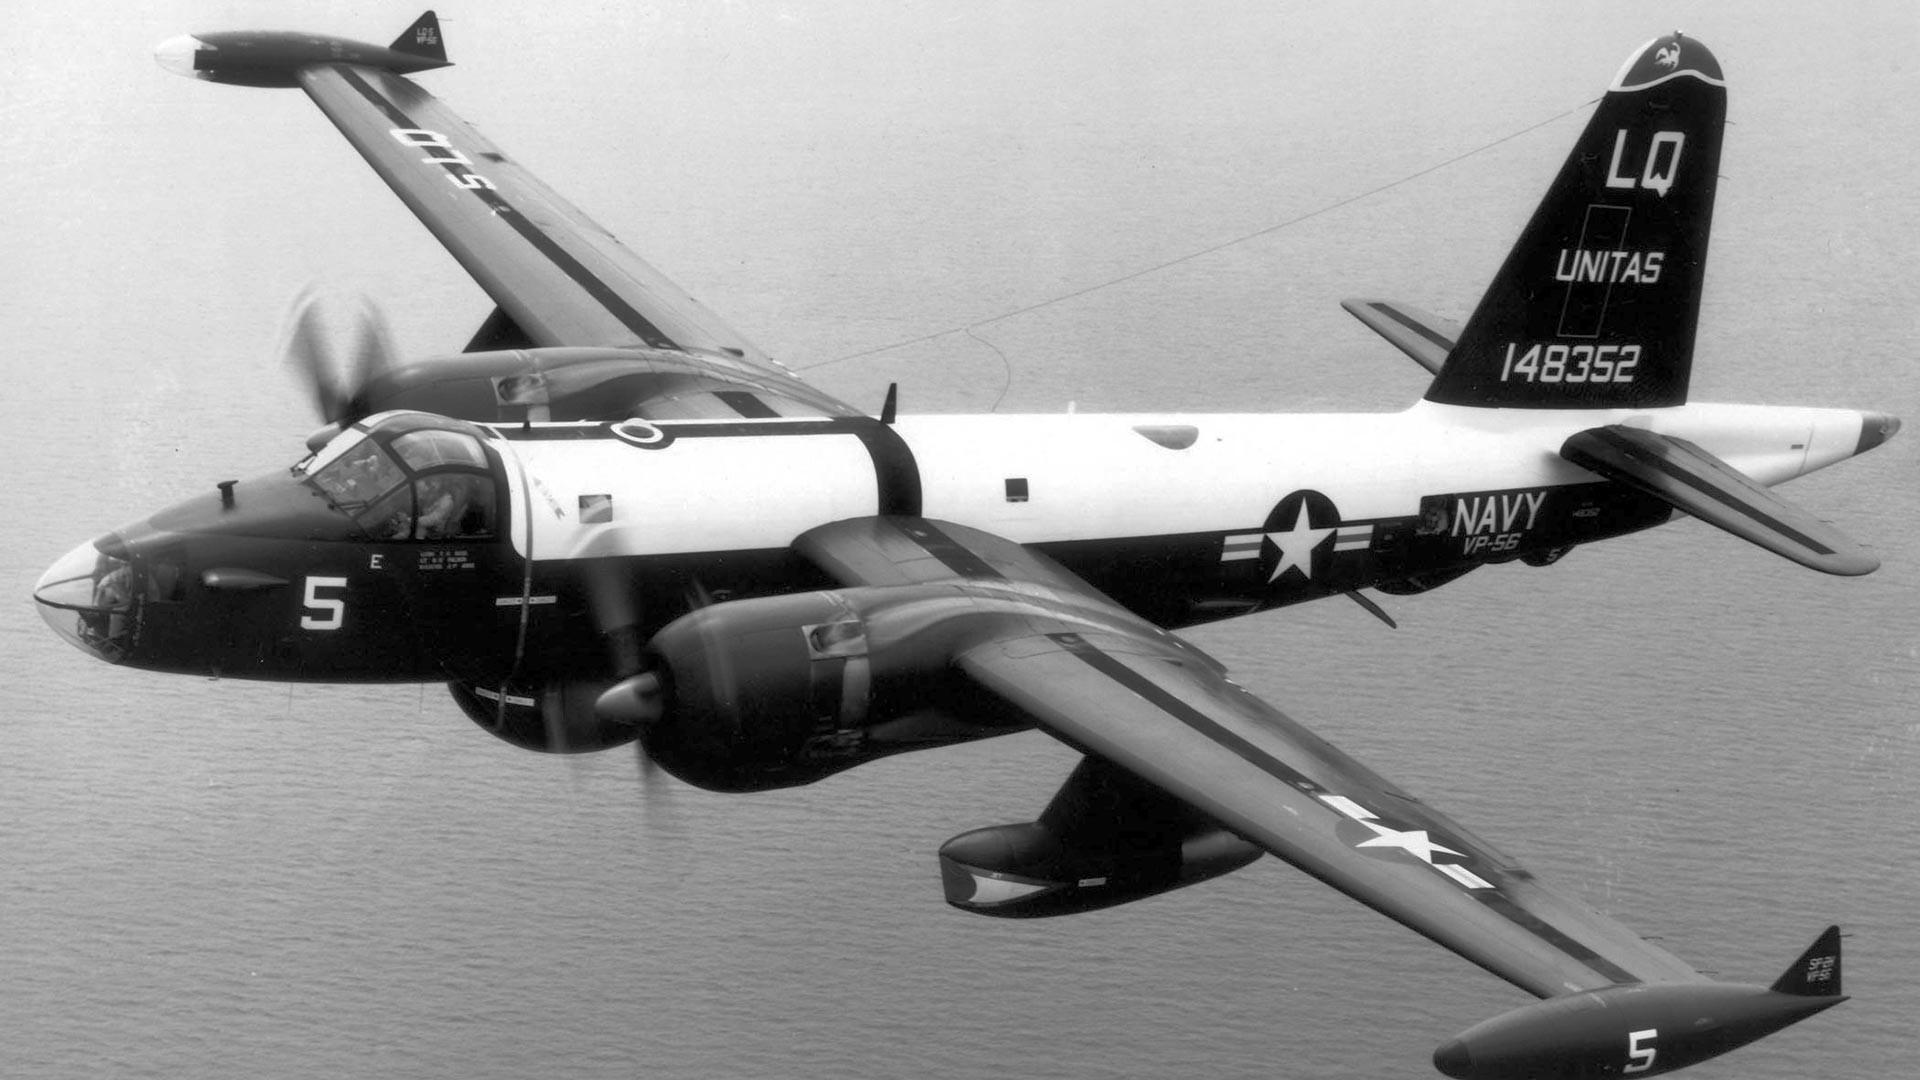 Avion de reconnaissance Neptune, semblable à celui utilisé lors de l'opération